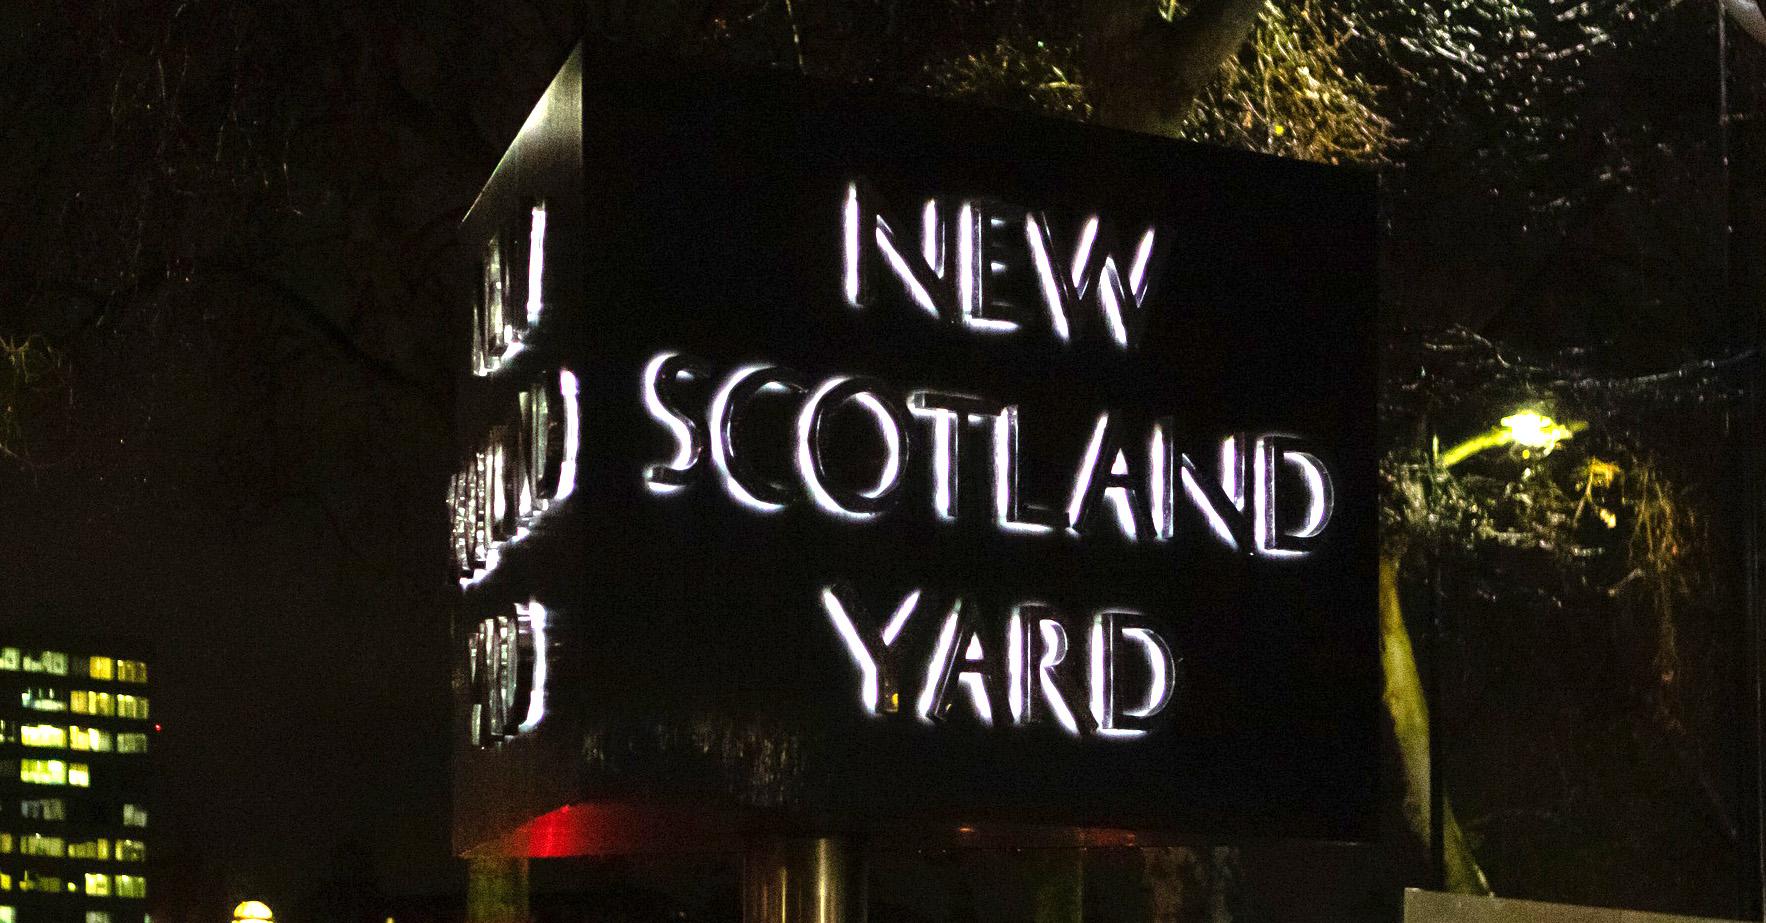 Messerattacke in London: Angreifer kurz vorher aus Gefängnis entlassen